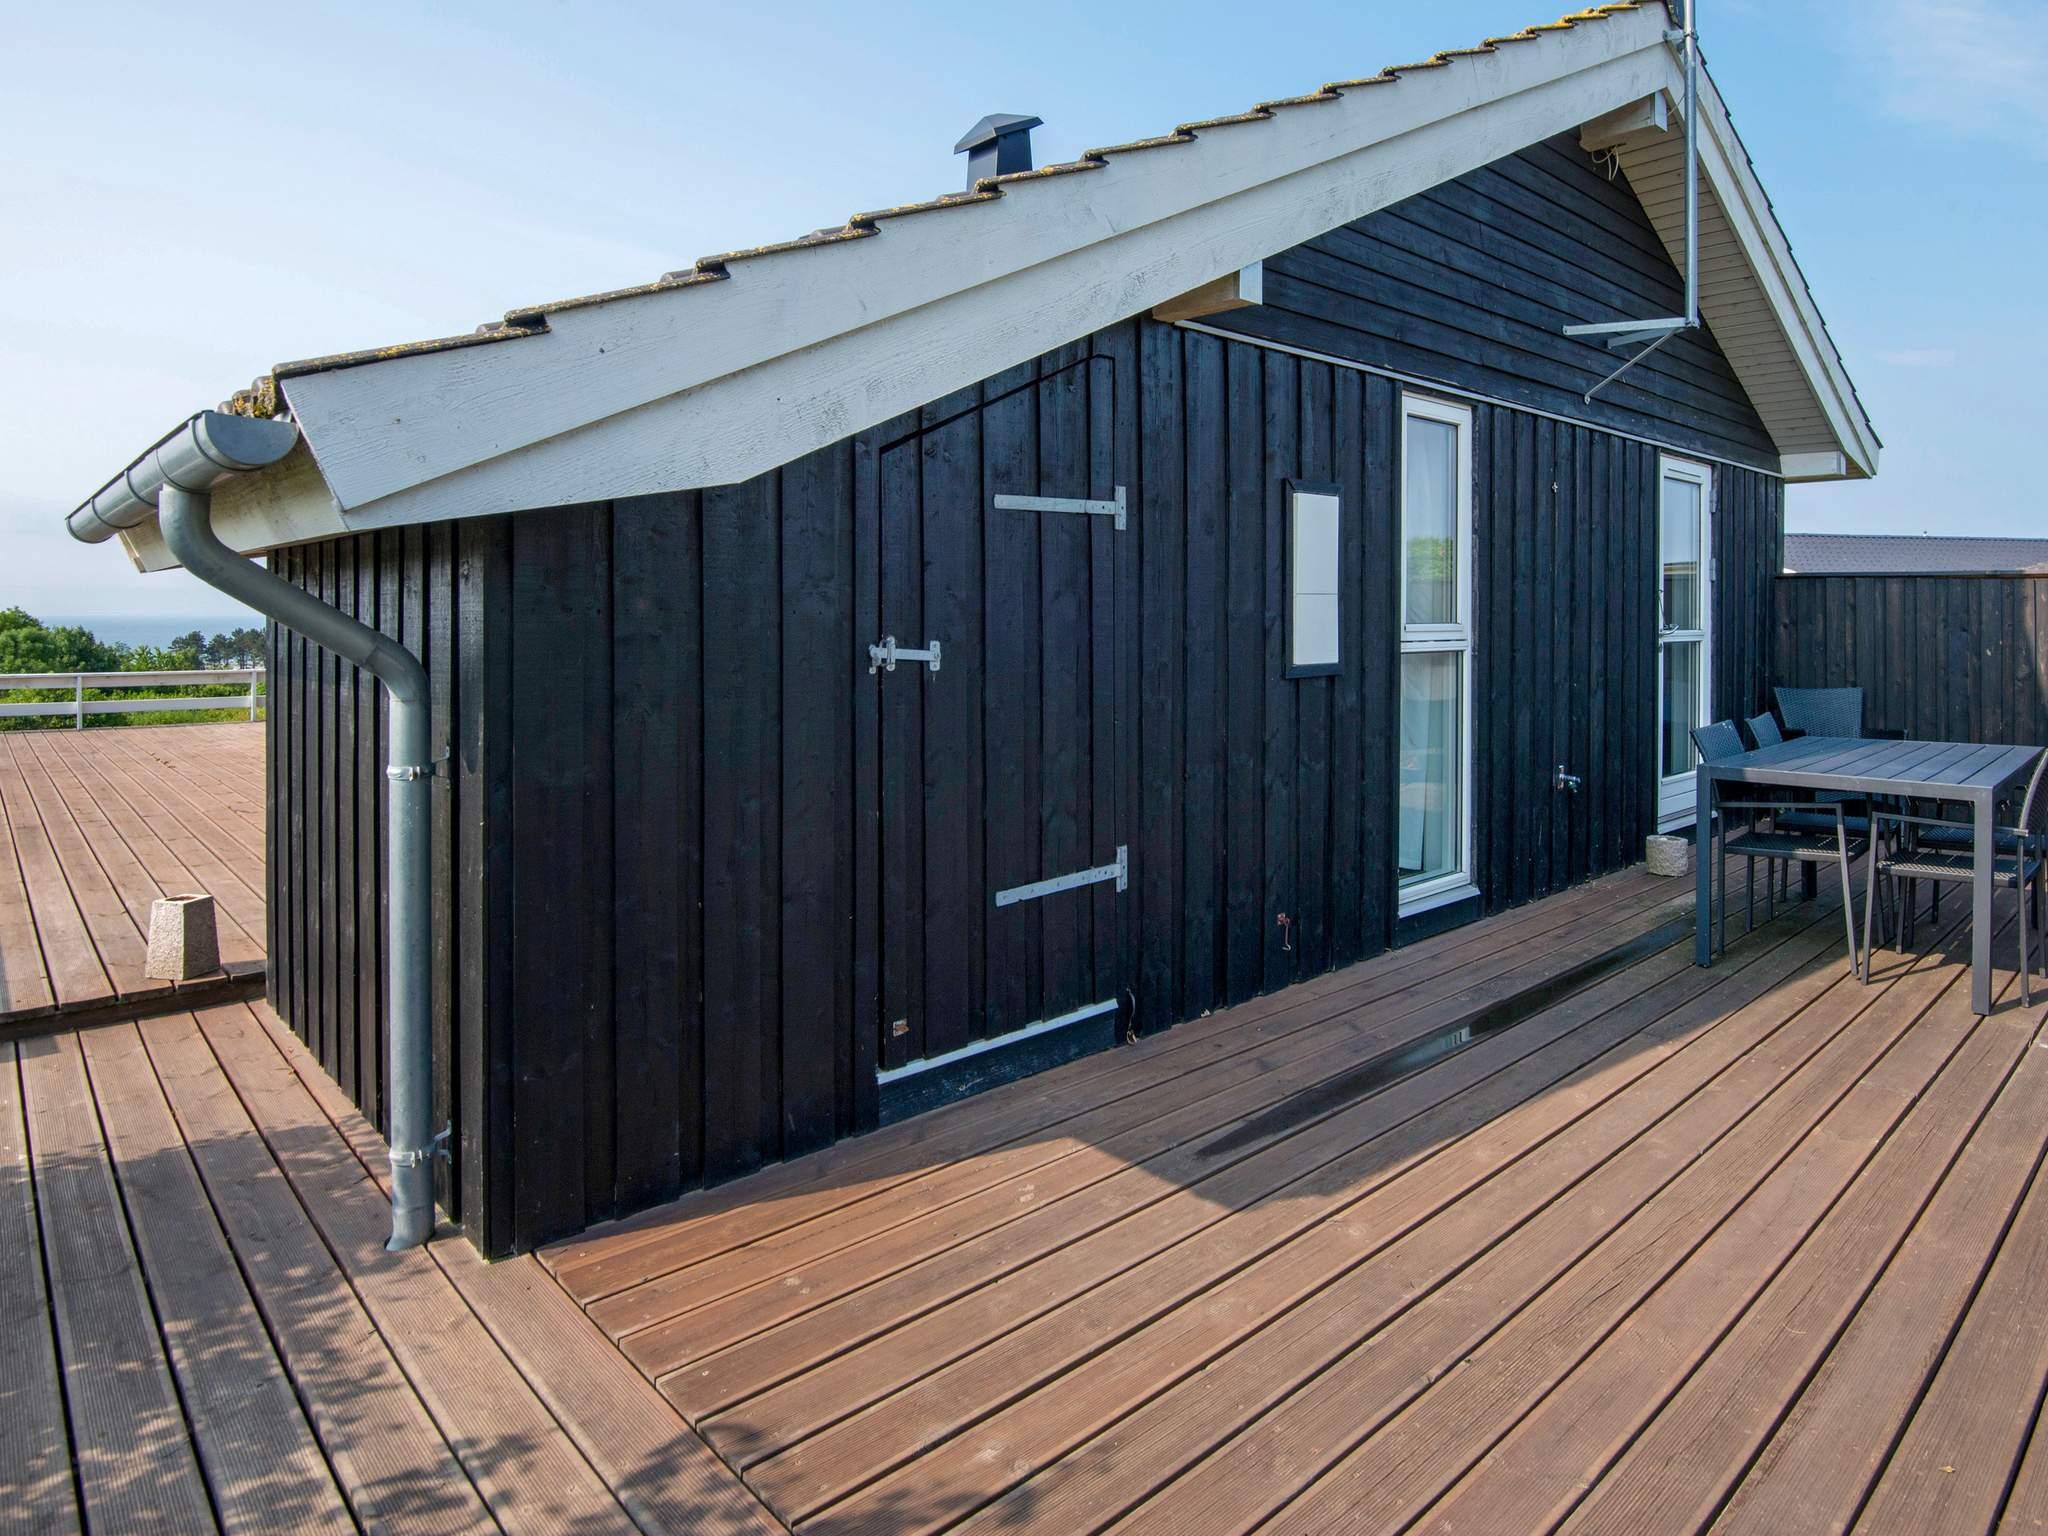 Ferienhaus Bønnerup Strand (601852), Bønnerup, , Ostjütland, Dänemark, Bild 18